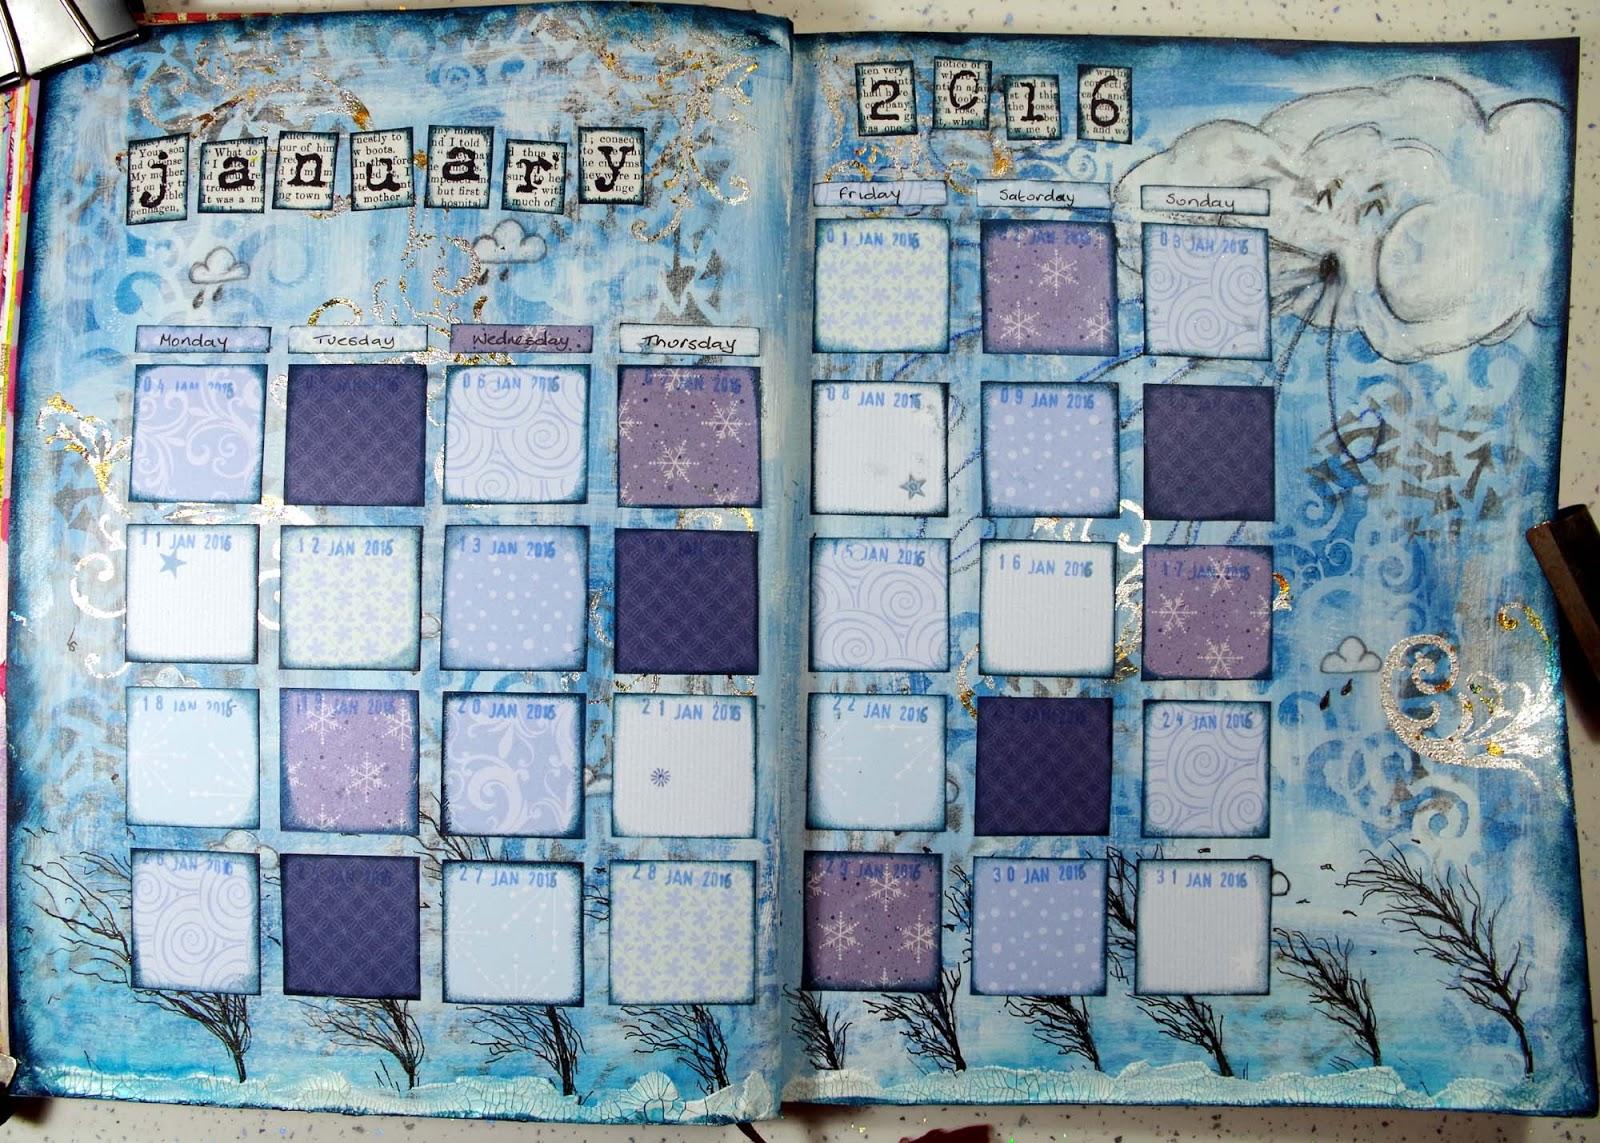 Calendar Art Journal : The hobby room michelle webb calendar art journal